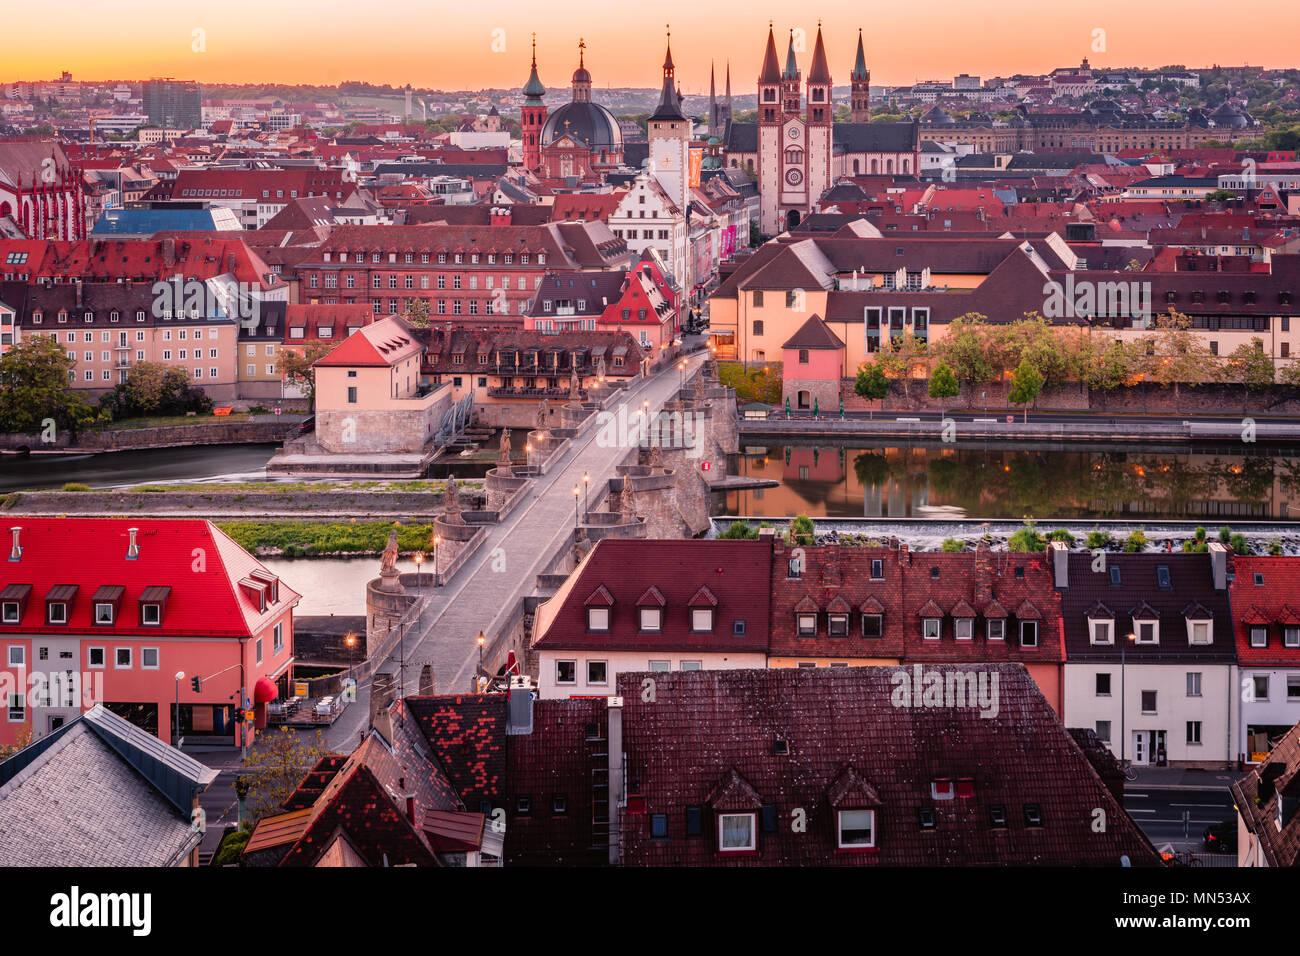 Landschaftlich atemberaubende Sommer Antenne panorama Stadtbild der Altstadt Stadt in Würzburg, Bayern, Deutschland - Teil der Romantischen Straße. Stockbild